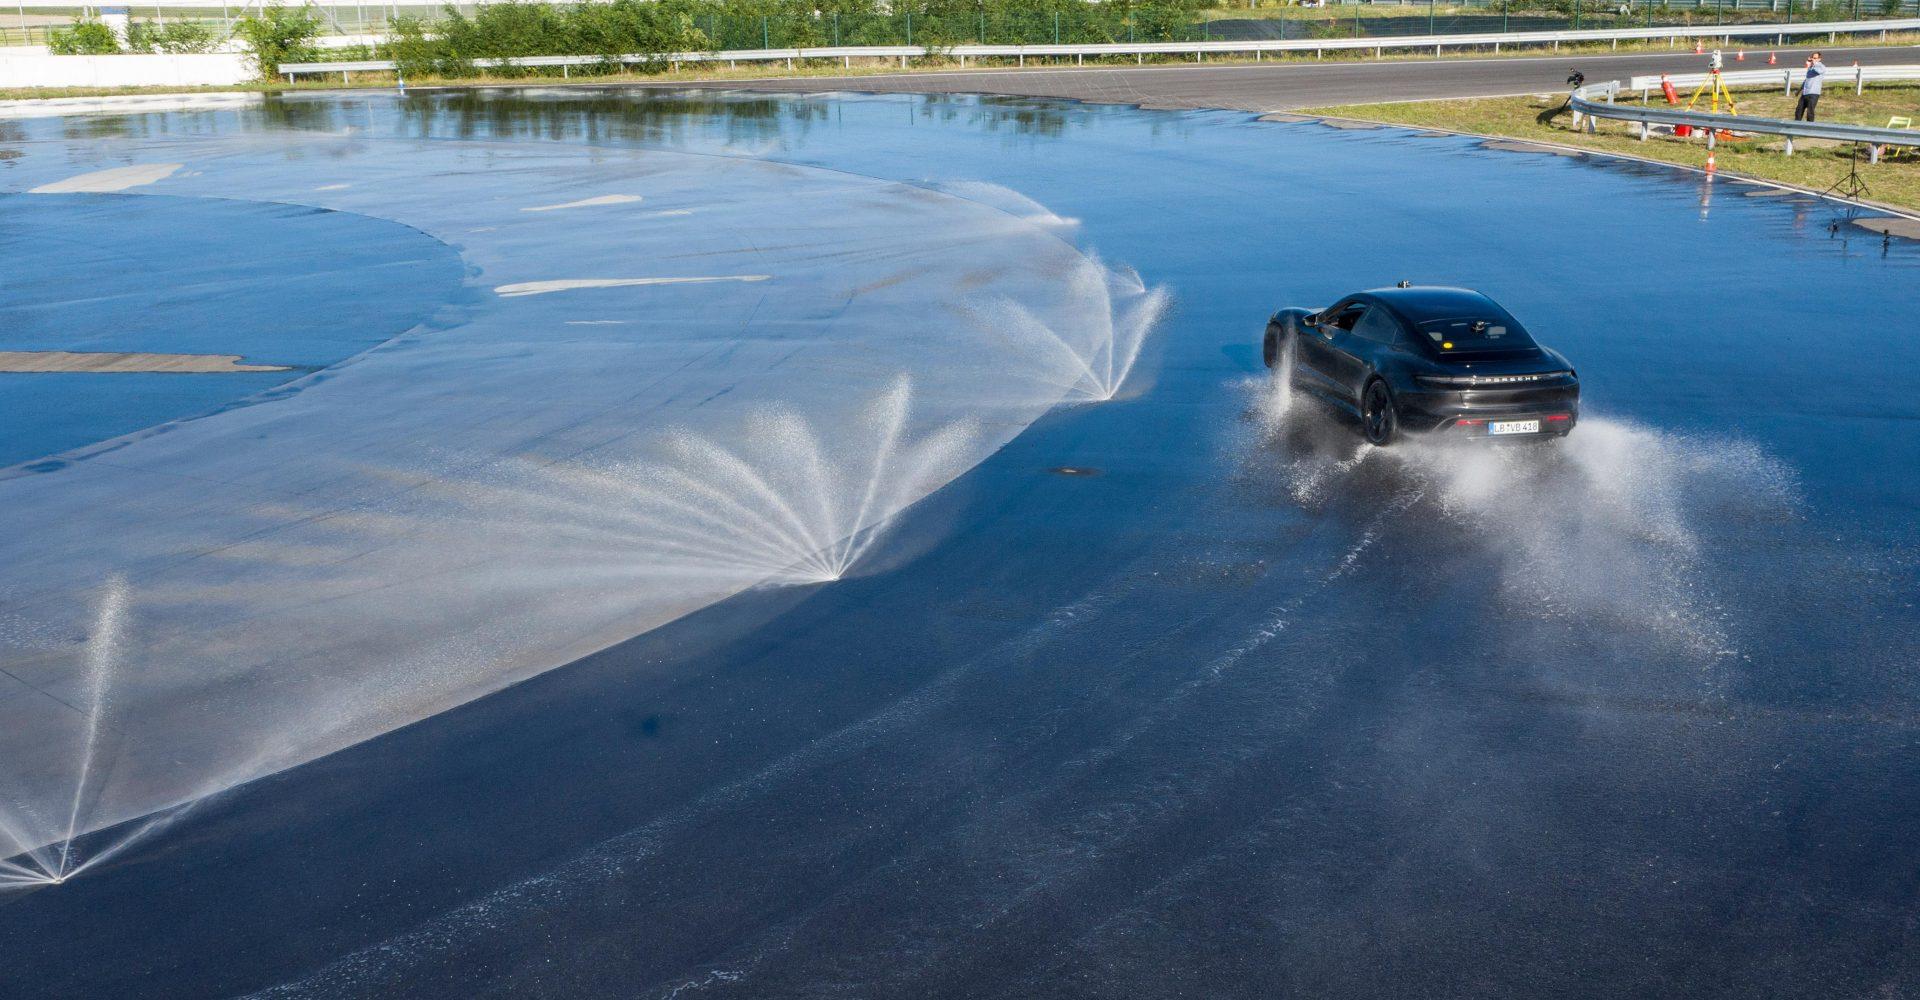 Porsche Taycan breaks Guinness World Record for longest EV drift